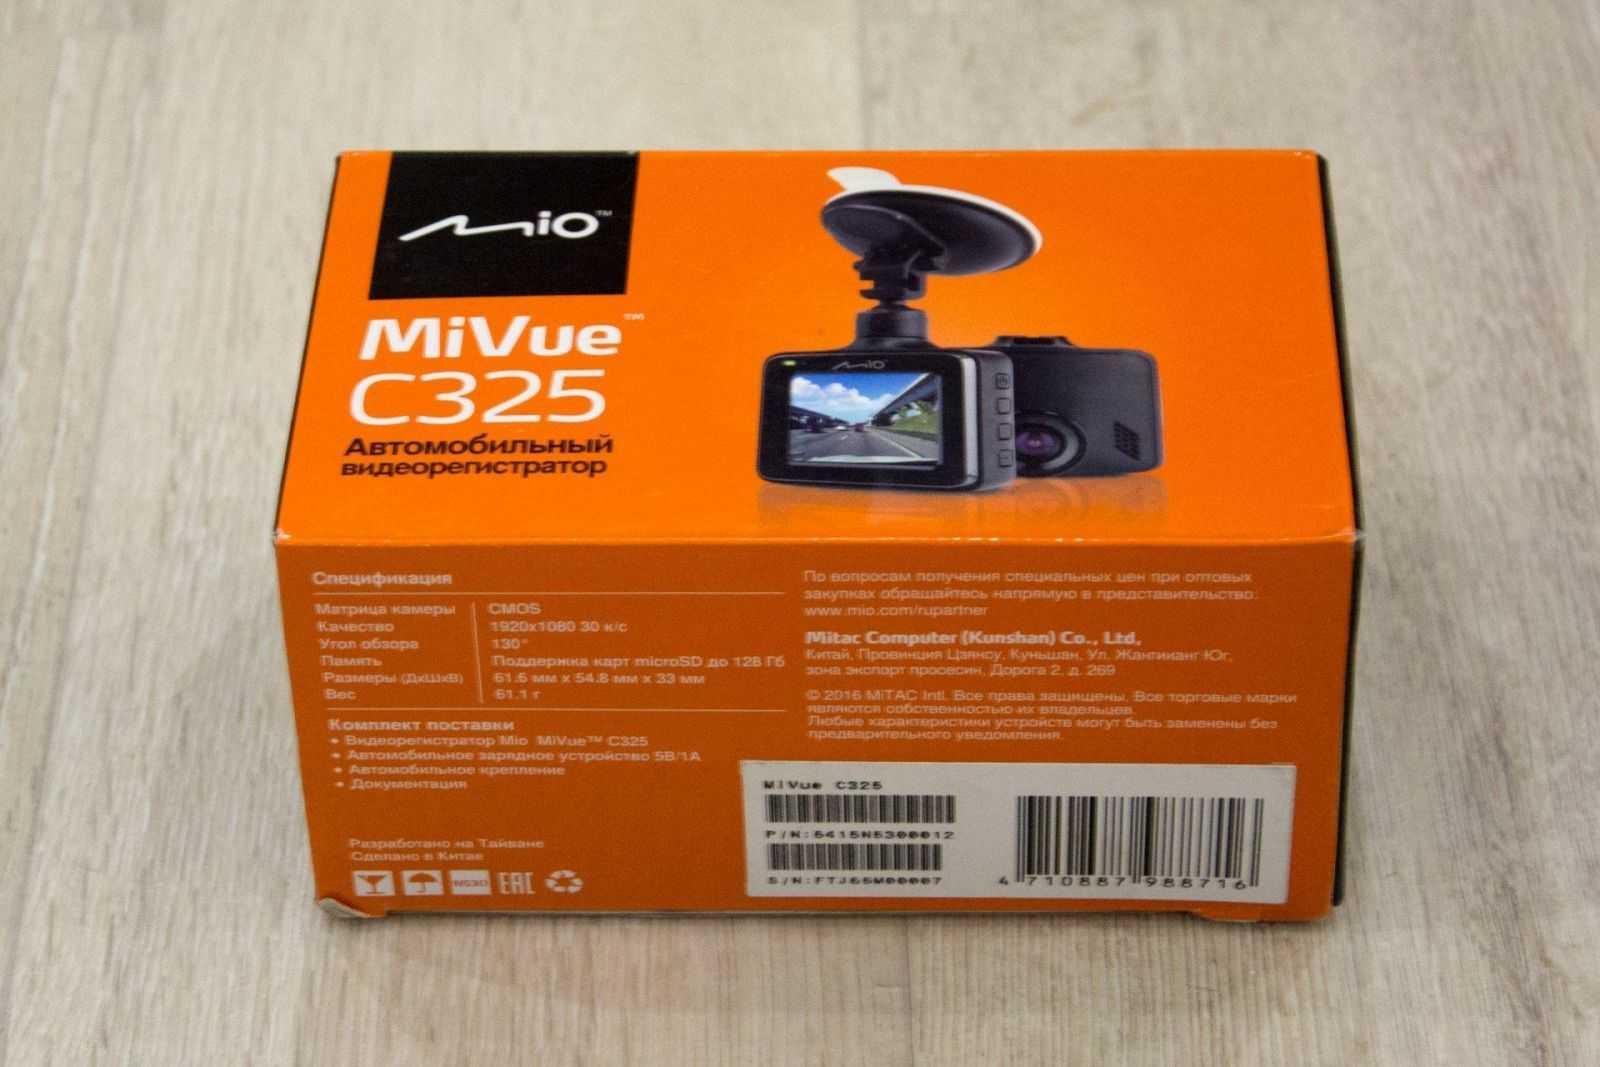 DSC 1785 - Маленький помощник. Обзор регистратора Mio MiVue C325